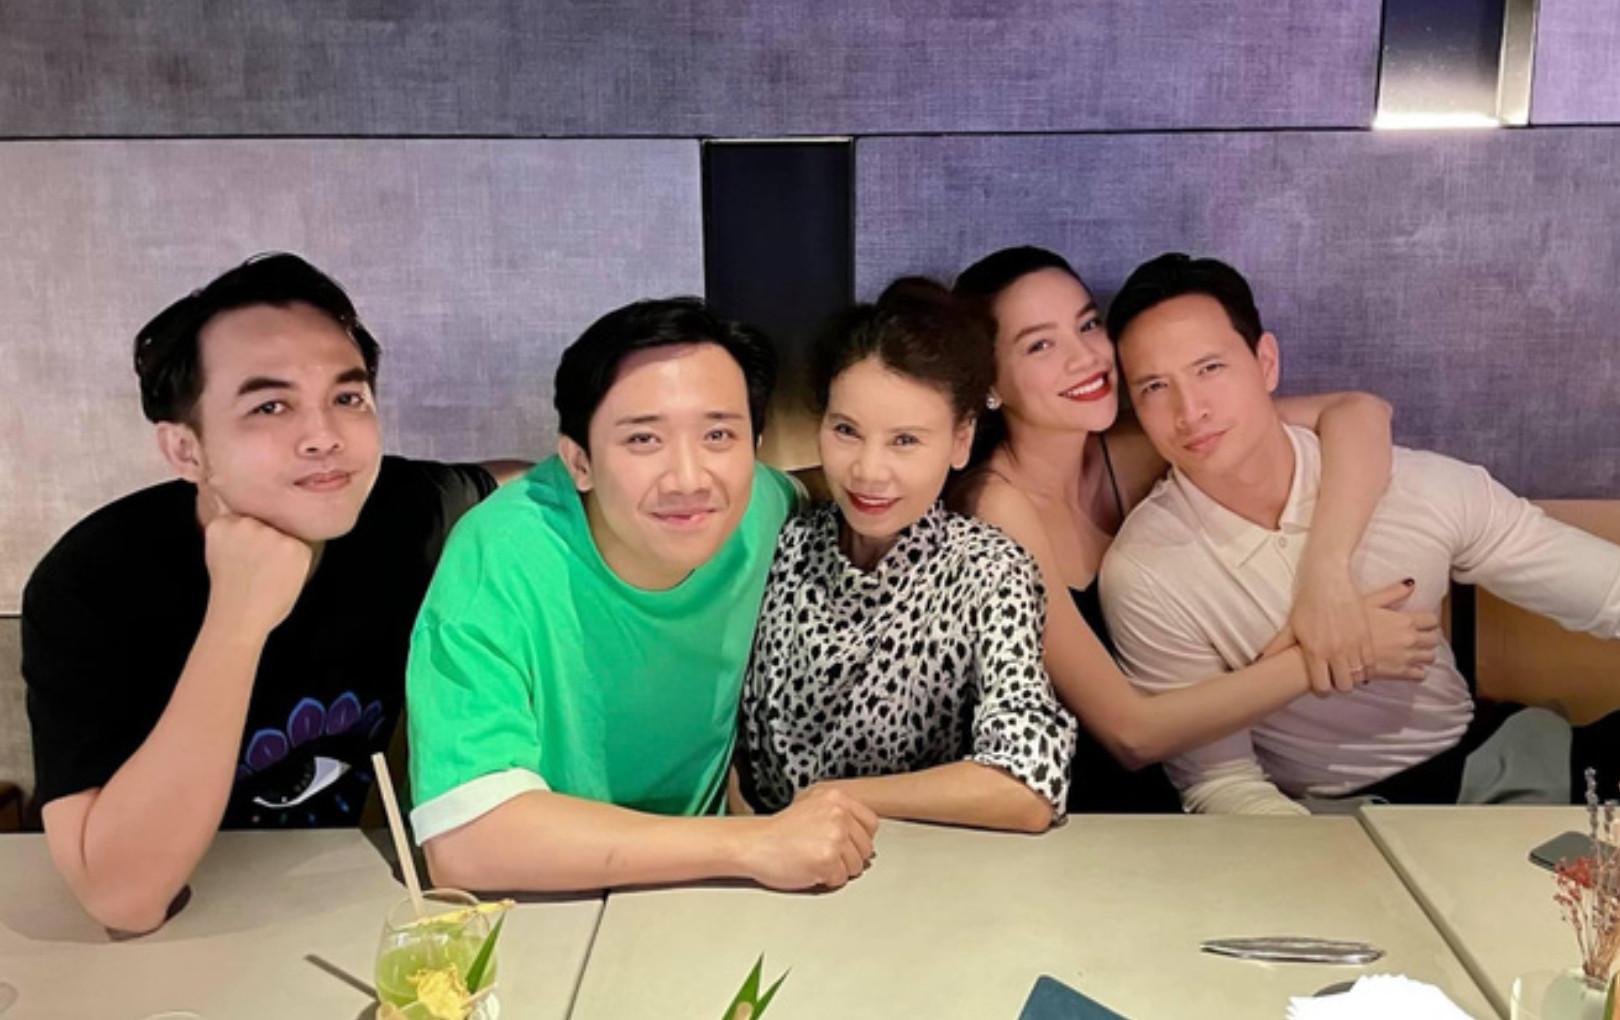 Hà Hồ - Kim Lý tụ tập bạn bè sau sinh con nhưng nhân vật gây chú ý nhất lại là Trấn Thành